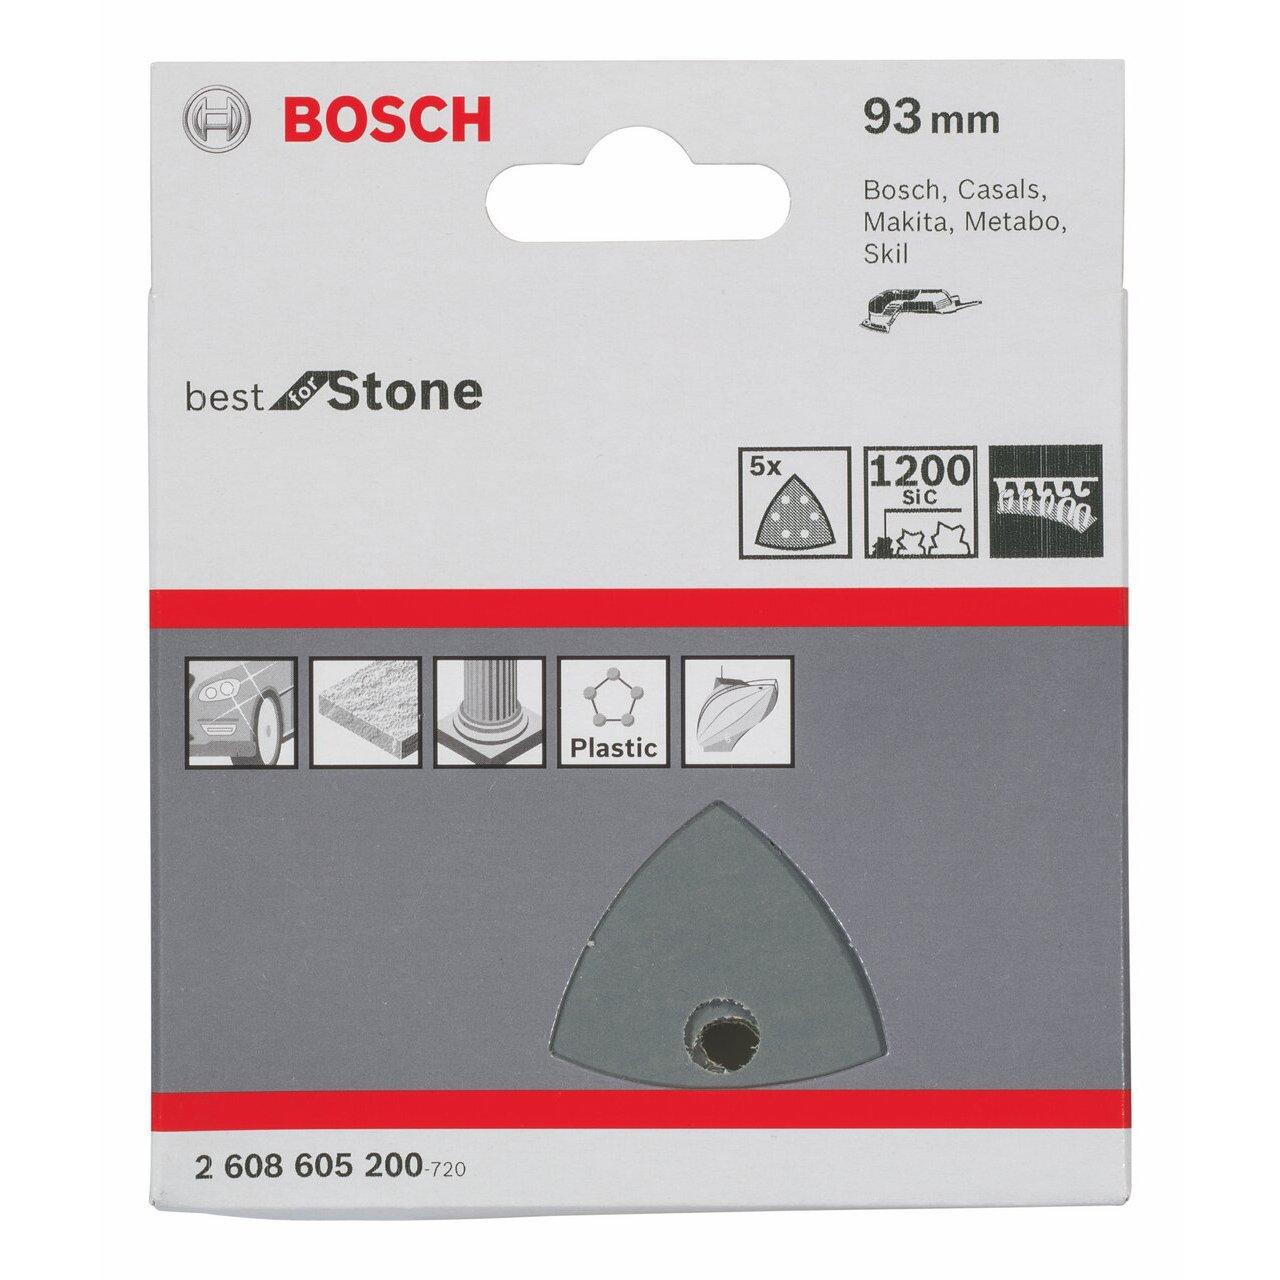 Bosch Professional Schleifblatt f/ür Dreieckschleifer und Multi-Cutter 5 St/ück, 93 mm, K/örnung 1200, F355